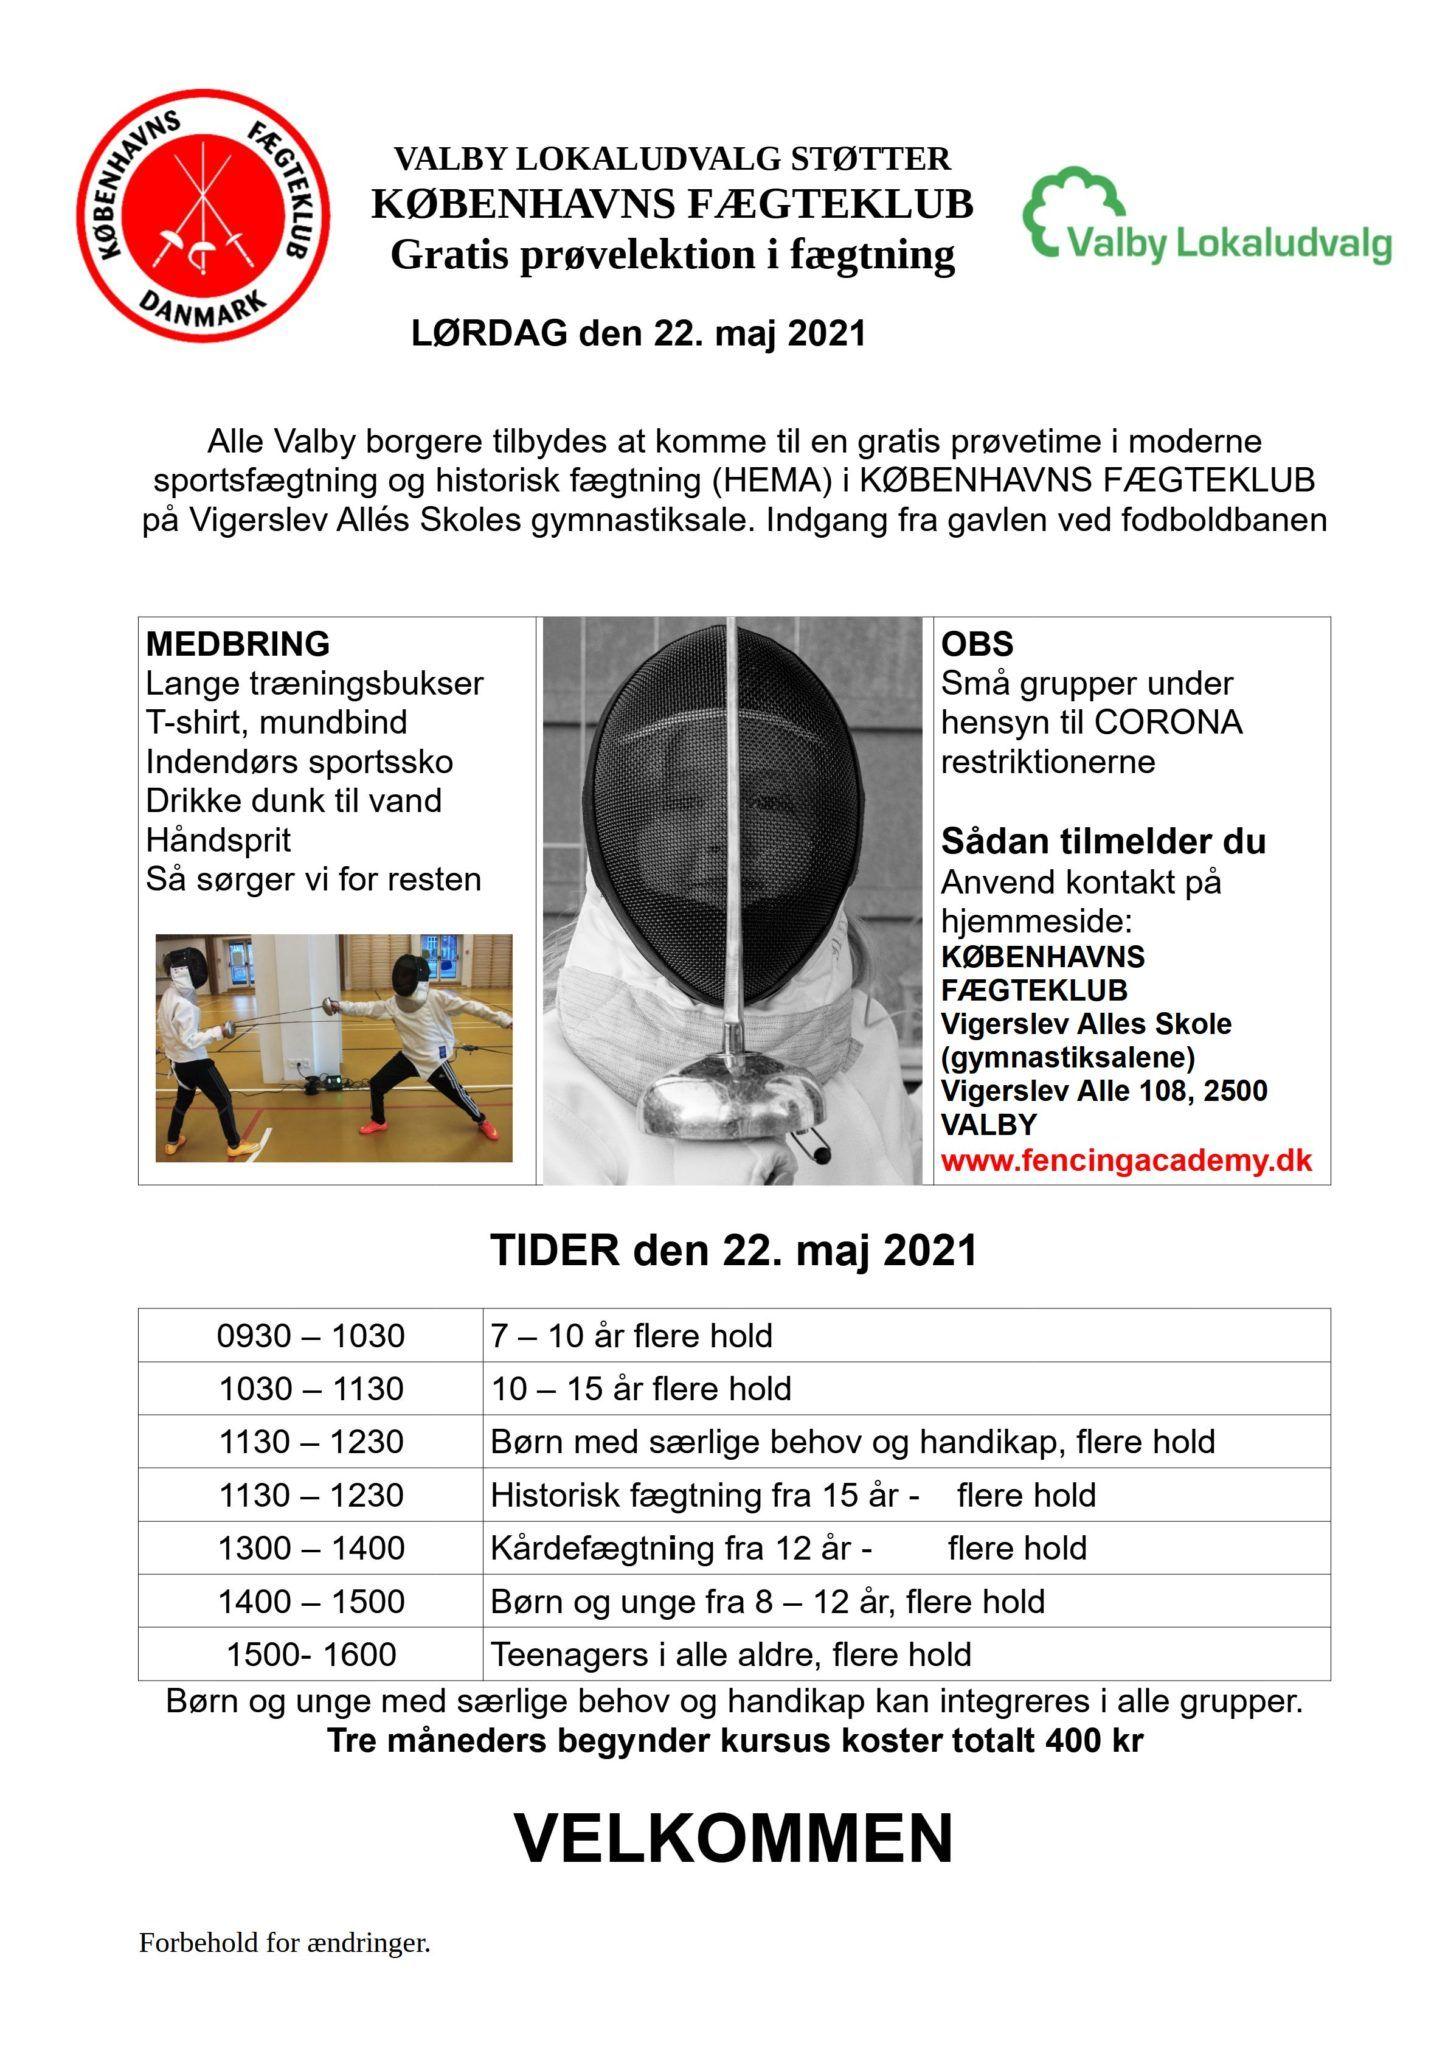 Åbent Hus 22 maj 2021 Københavns fægteklub